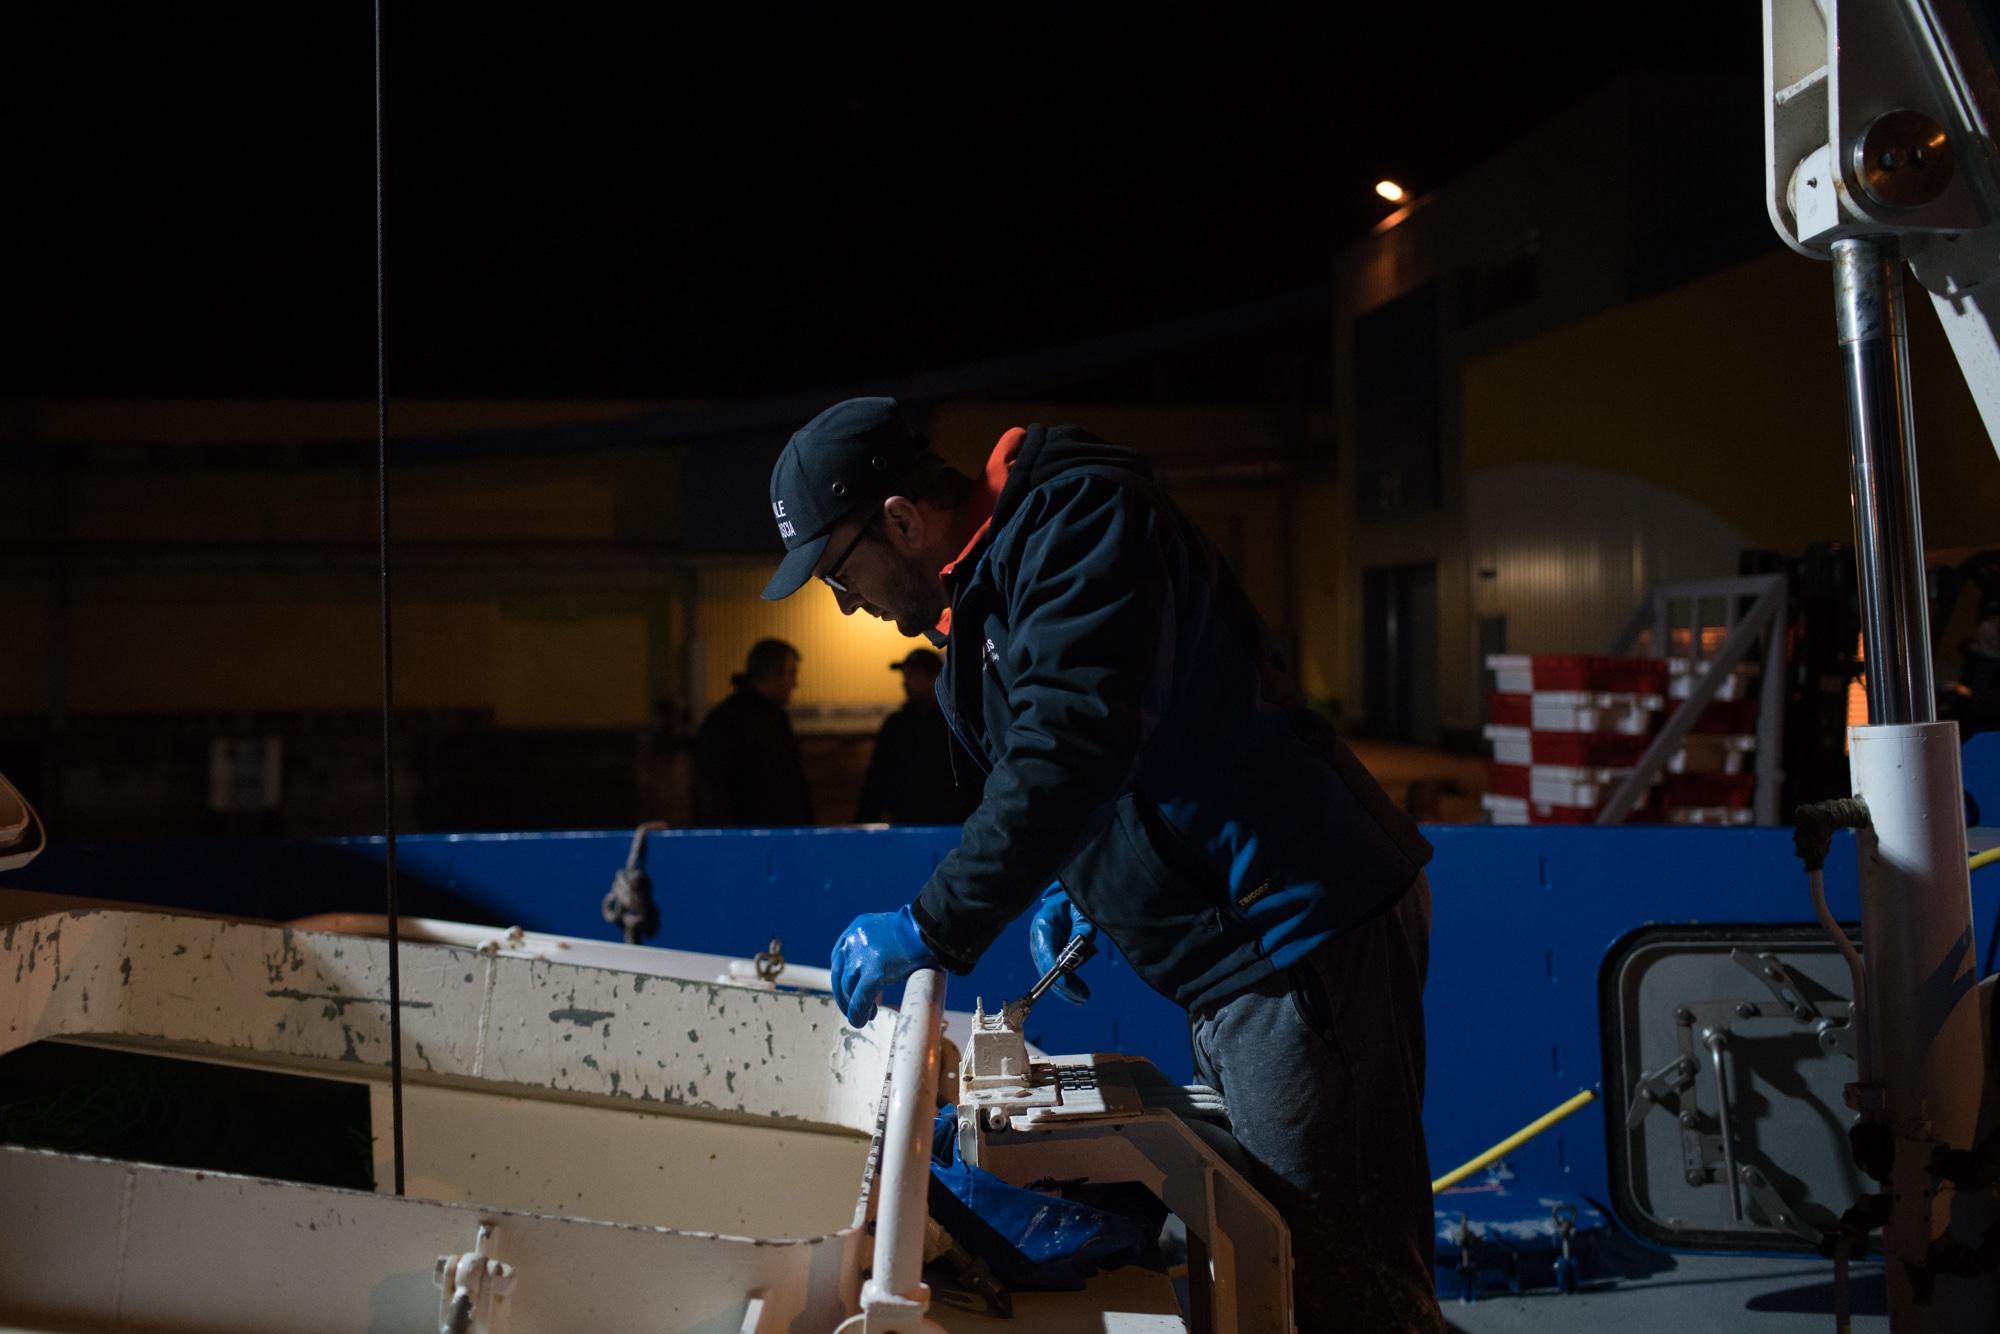 José Leprêtre, sur le pont, manipule la grue à l'aide d'une commande électrique.